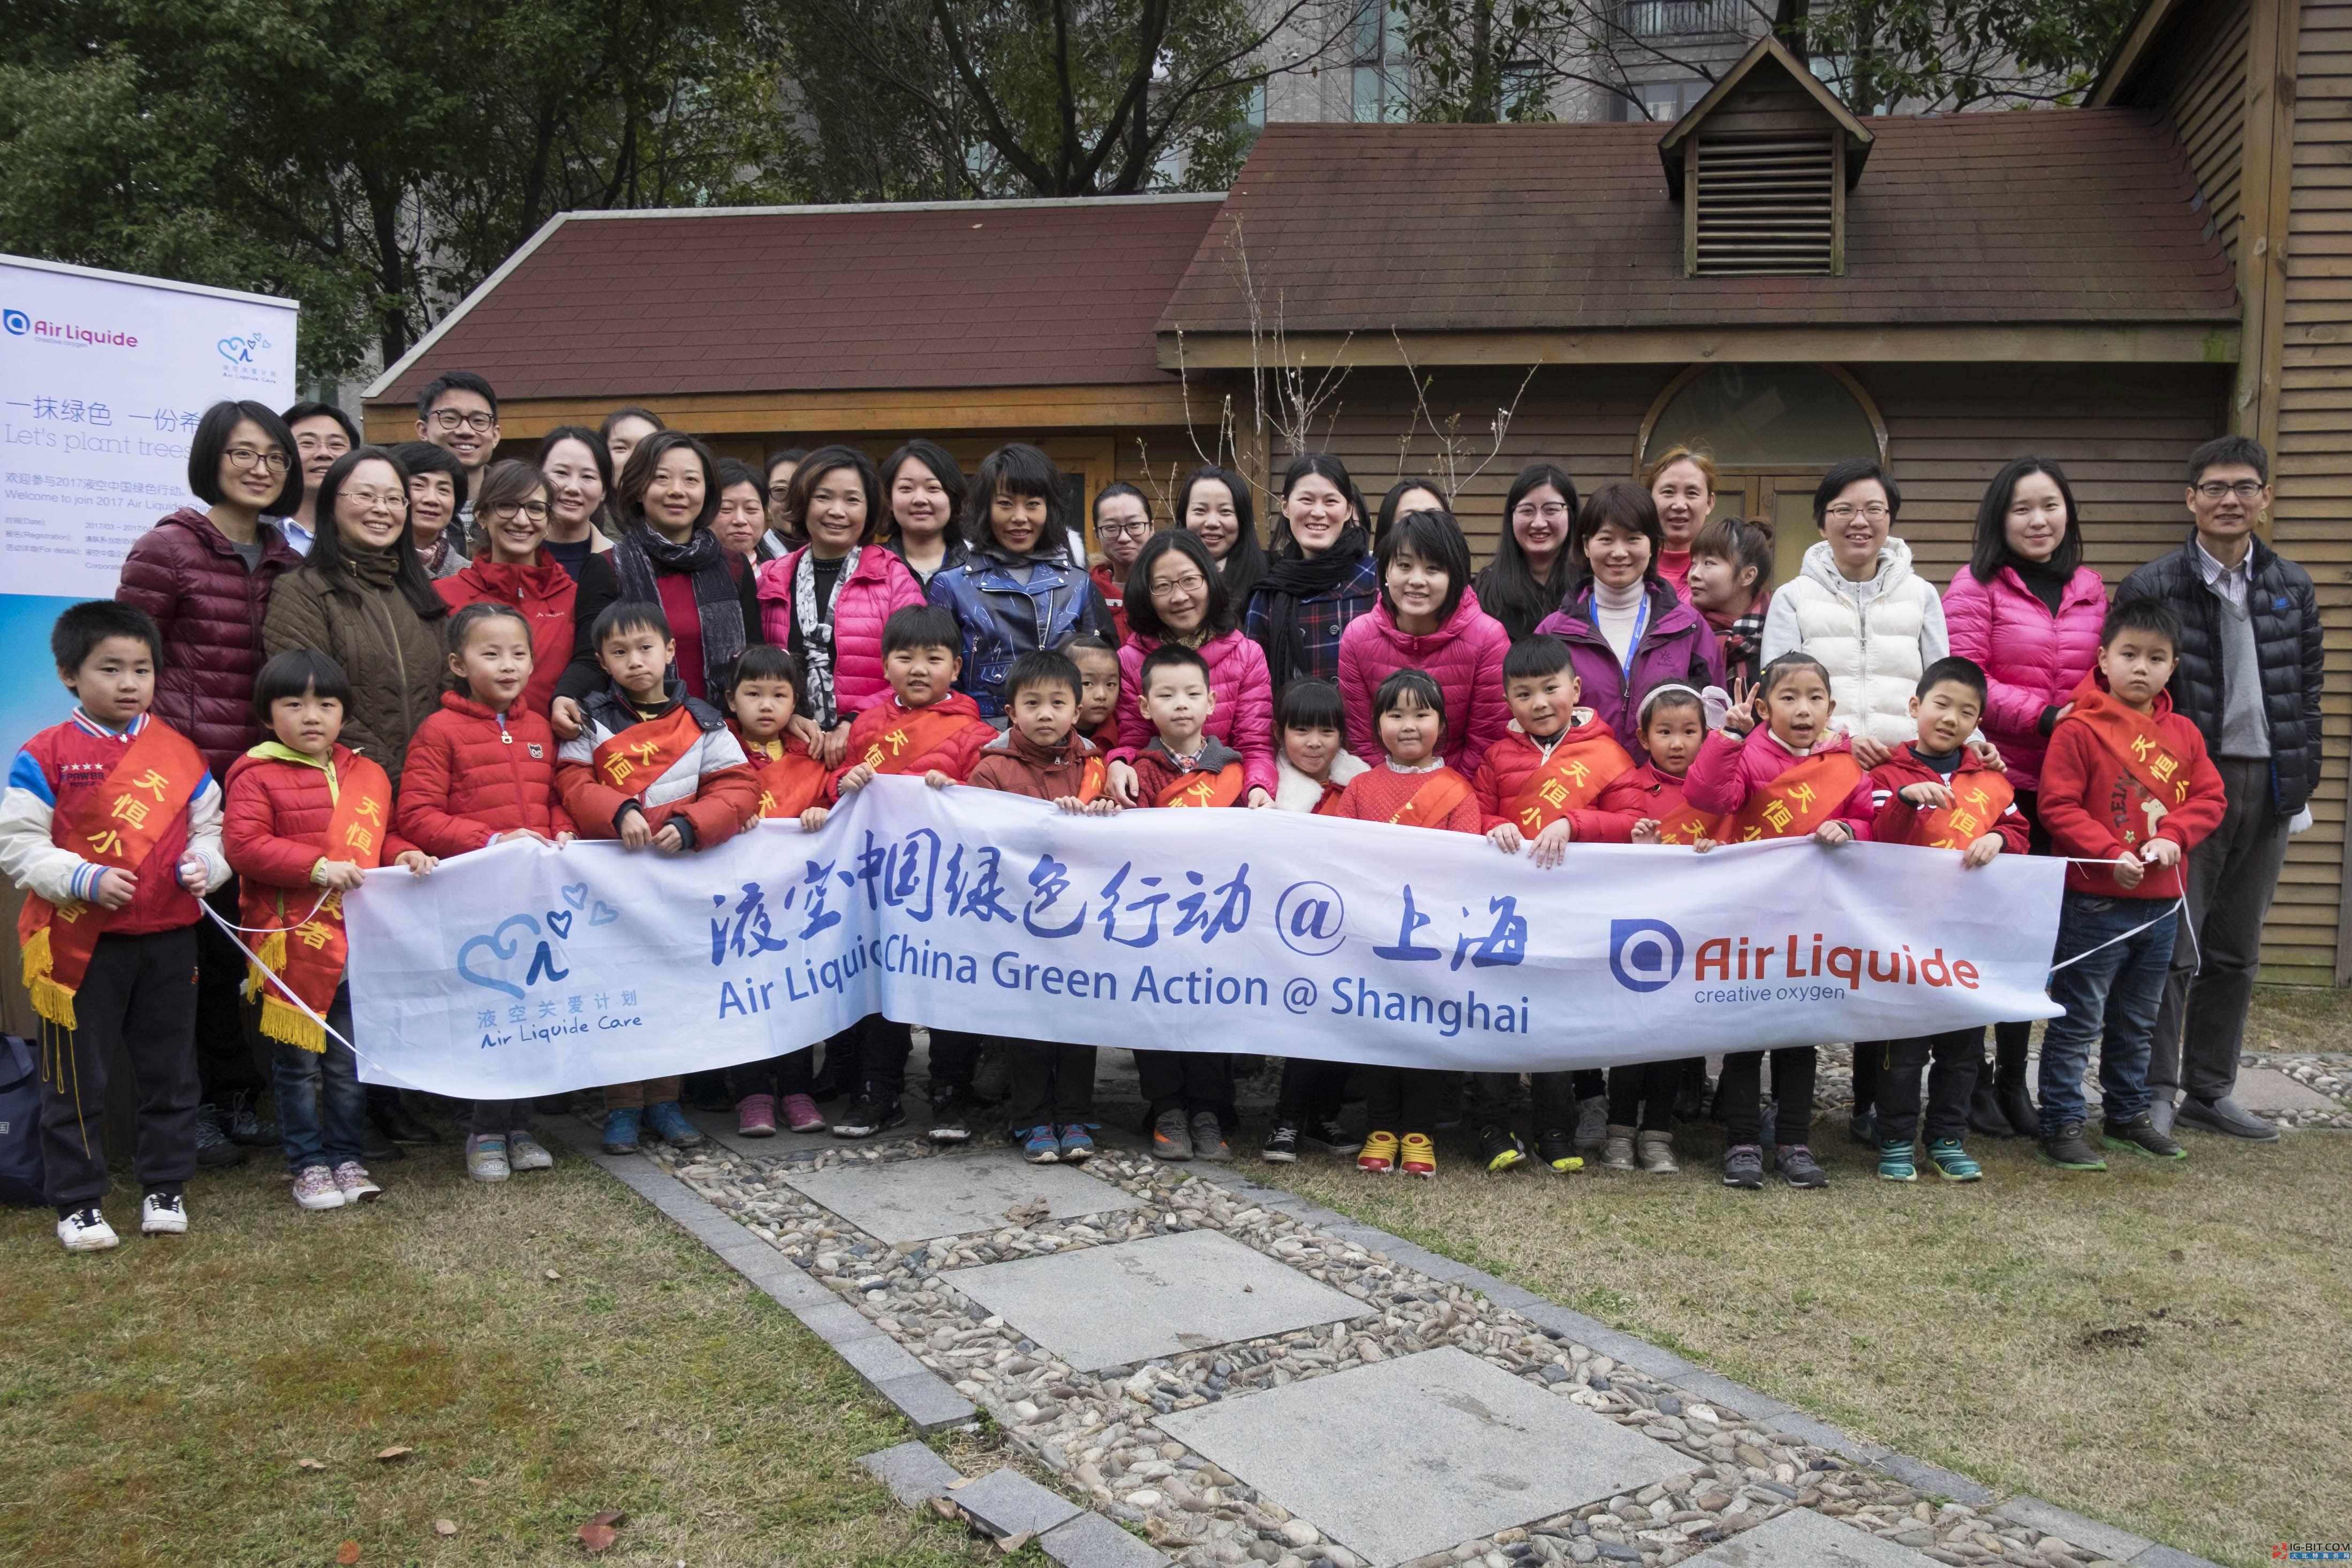 液化空气中国为上海学校带来盎然绿意